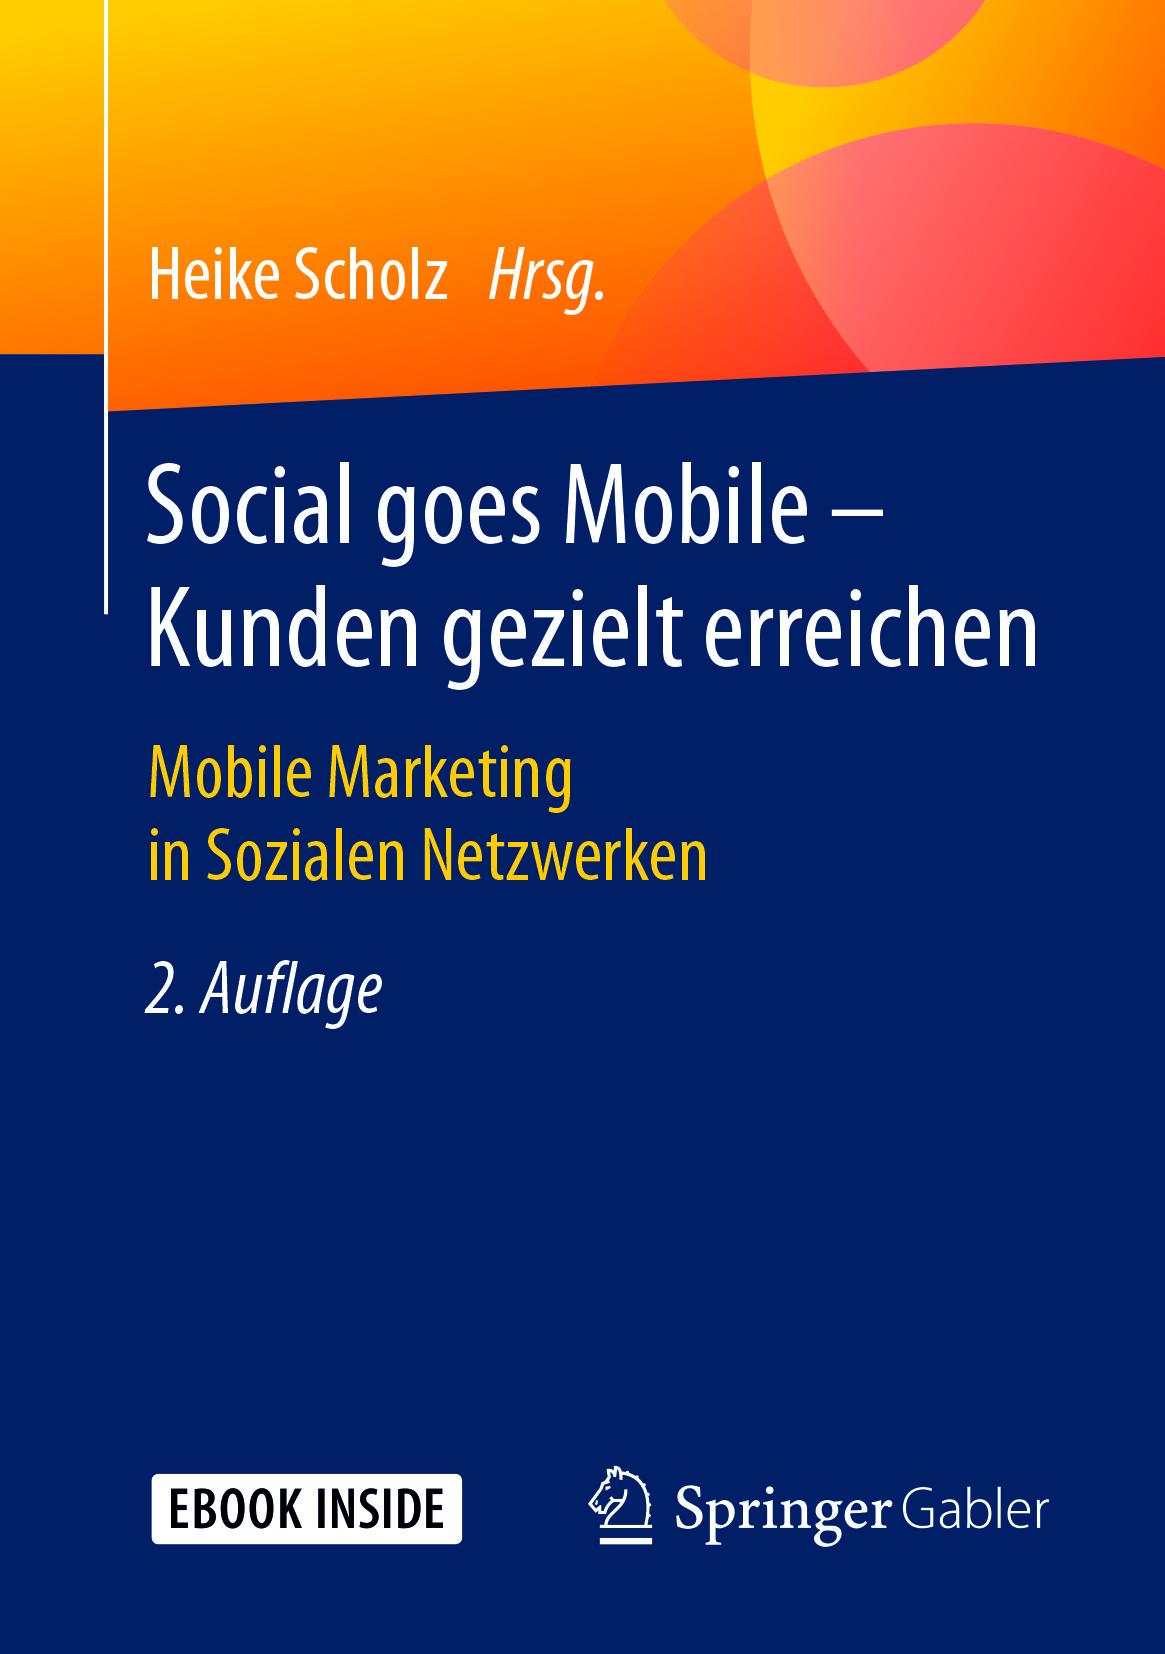 Scholz, Heike - Social goes Mobile - Kunden gezielt erreichen, ebook